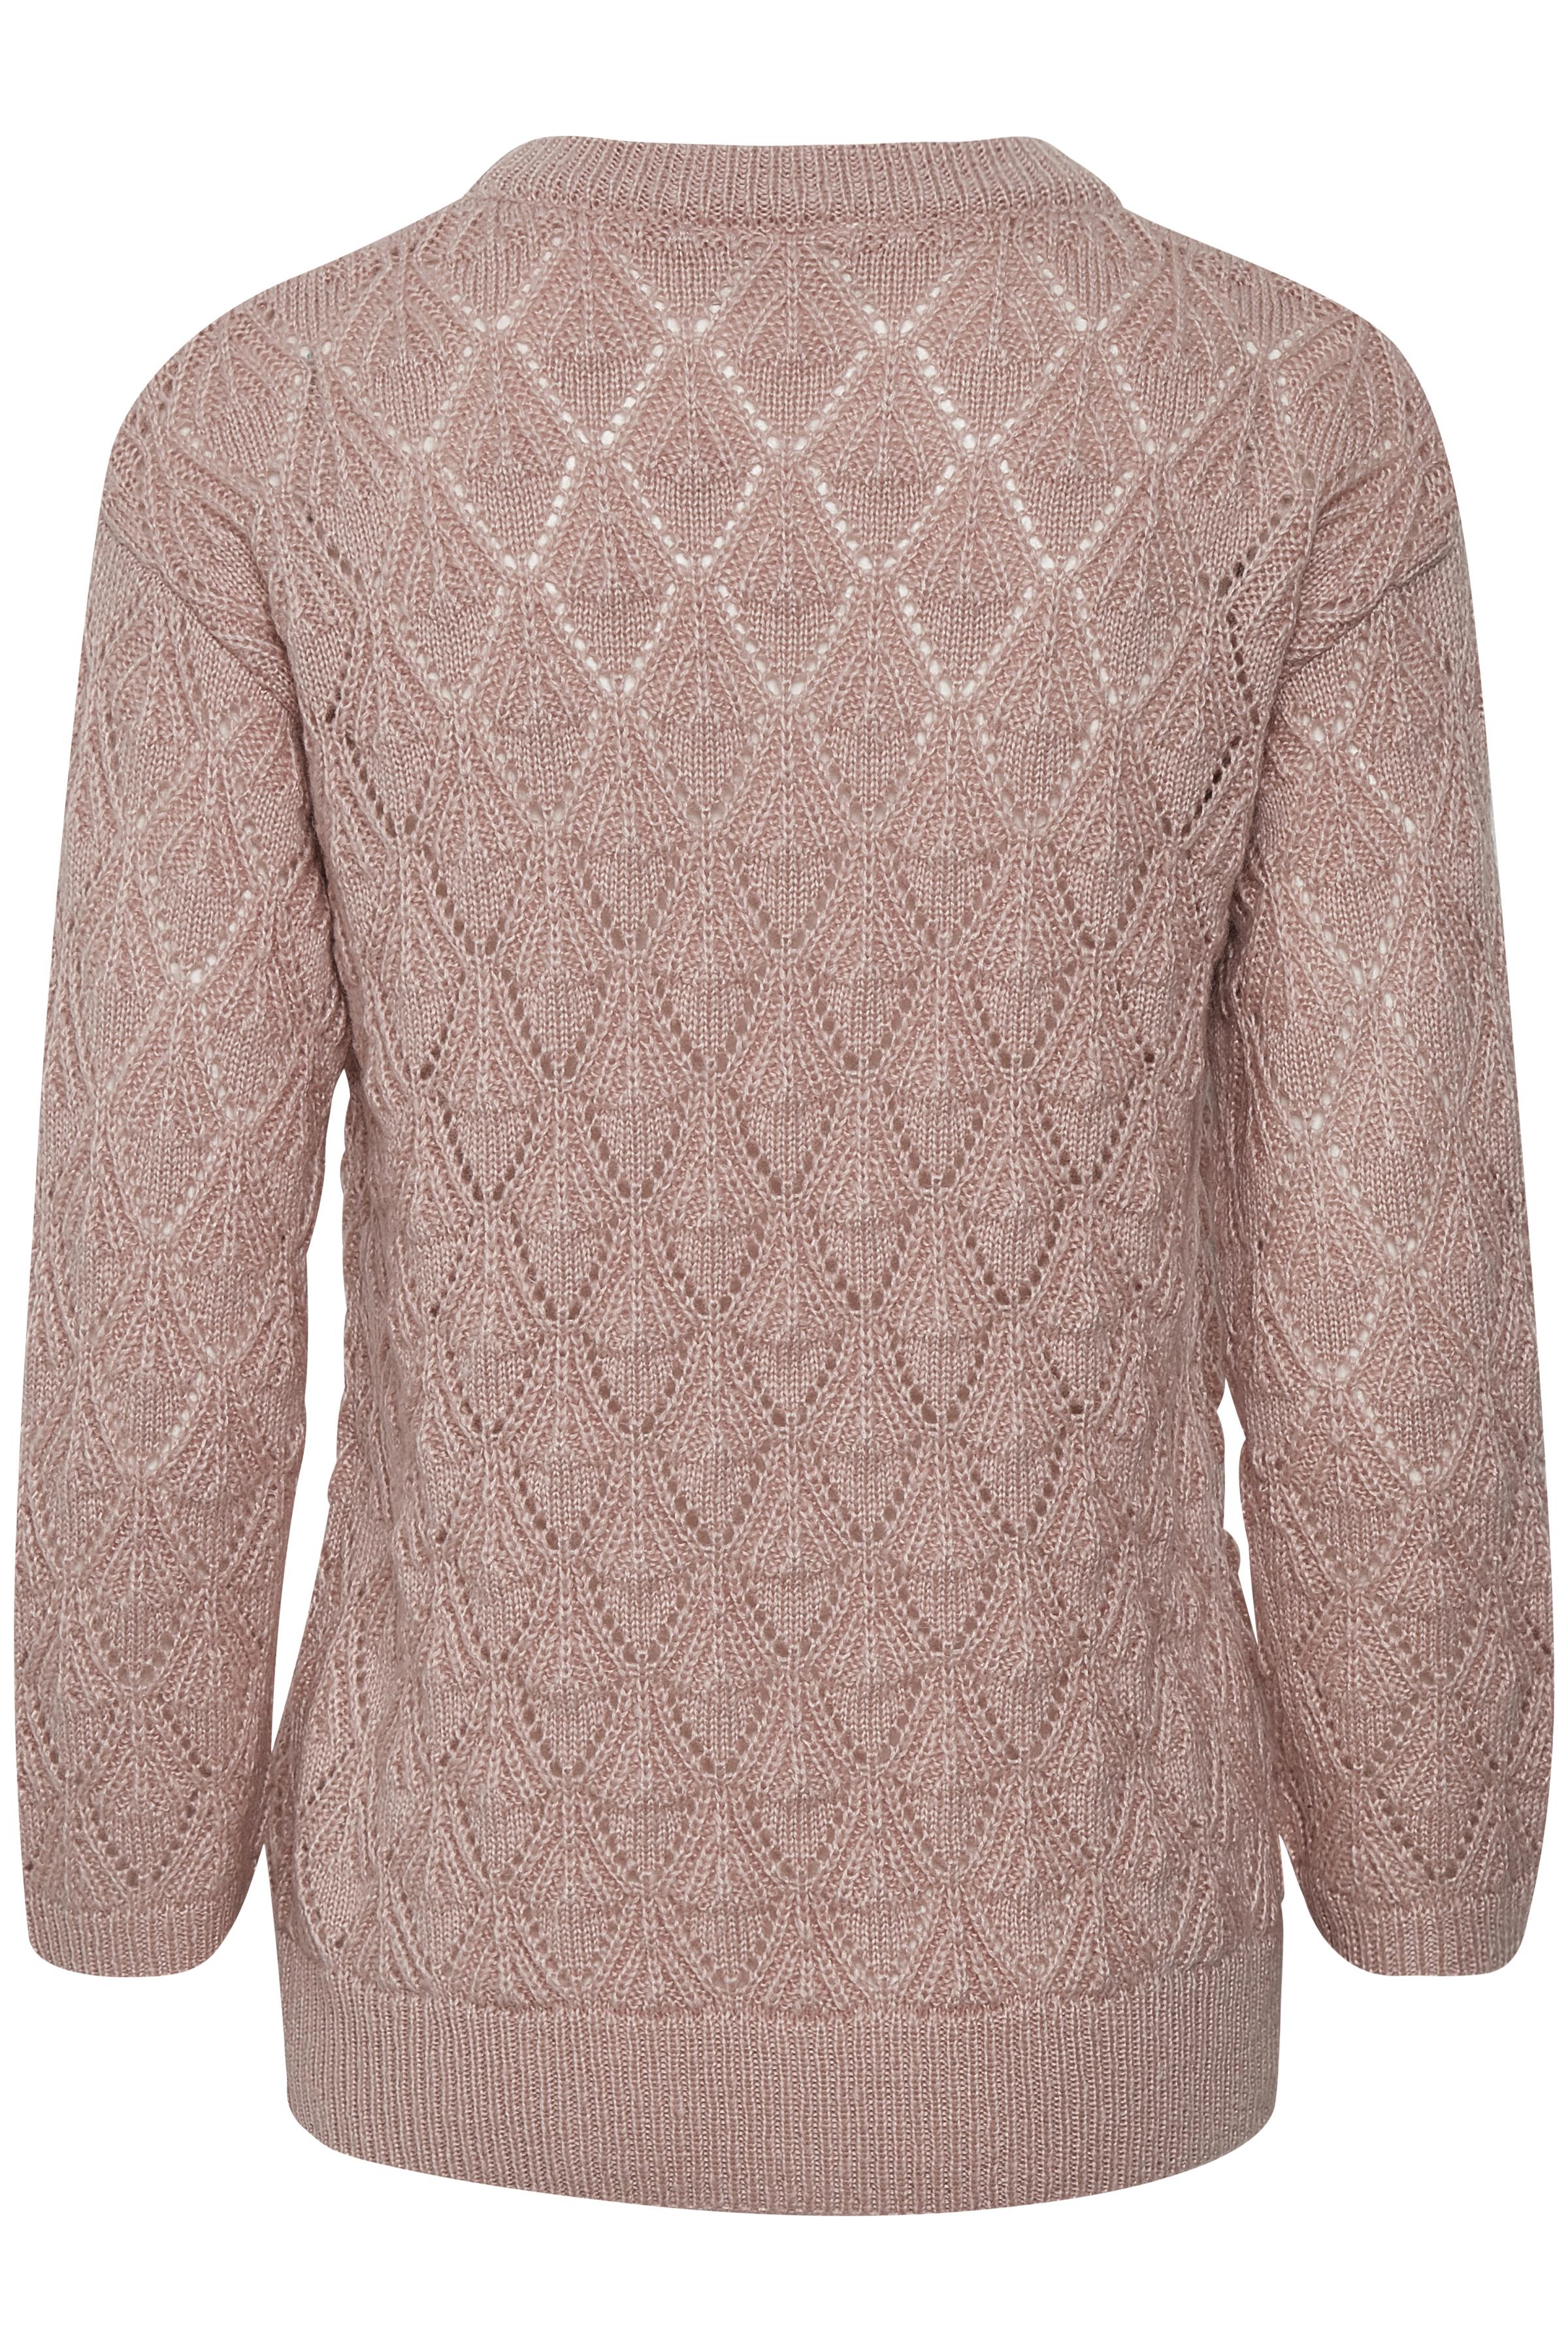 Rosa Stickad tröja från Kaffe – Köp Rosa Stickad tröja från stl. XS-XXL här